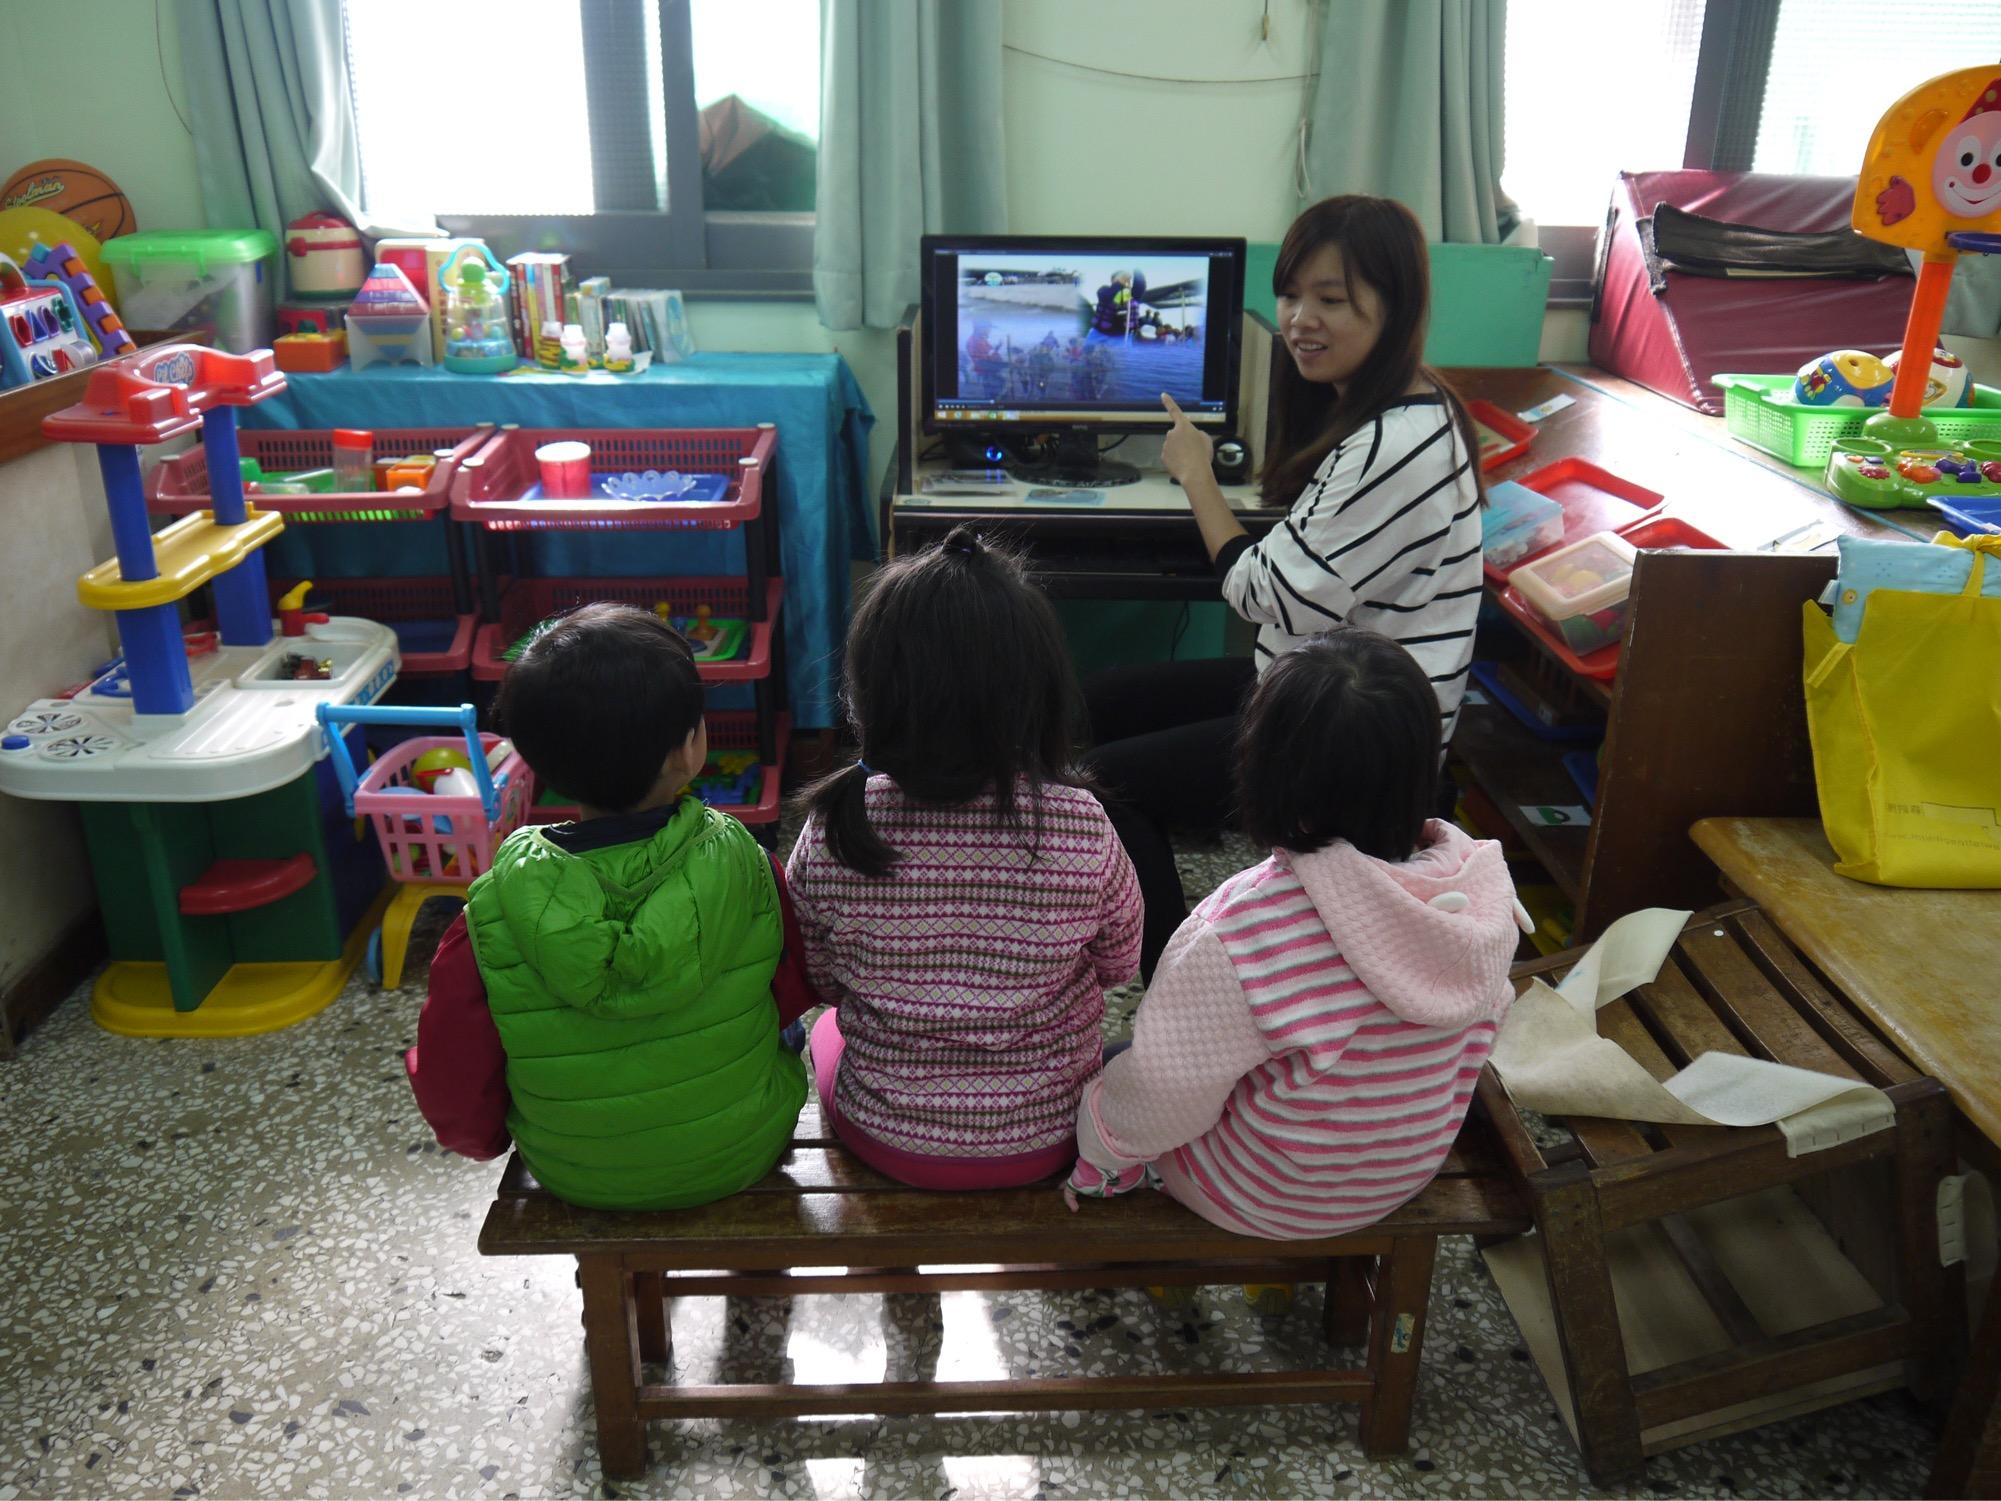 通稿照片-中原大學電子系用專業做公益維修舊電腦提供偏鄉的孩子與NGO組織使用.JPG